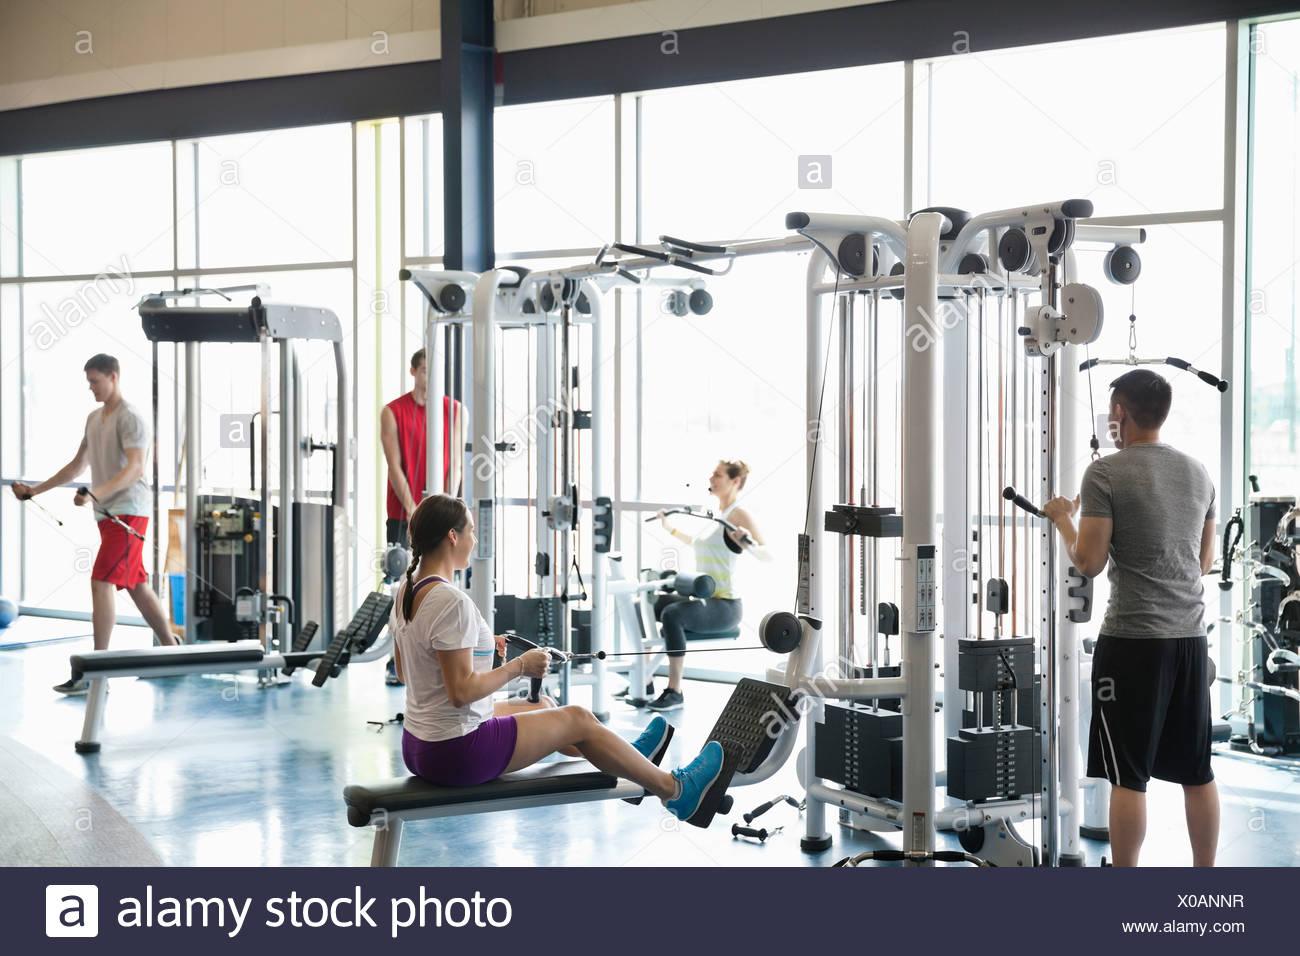 Personas que utilizan máquinas de pesas en el gimnasio Imagen De Stock